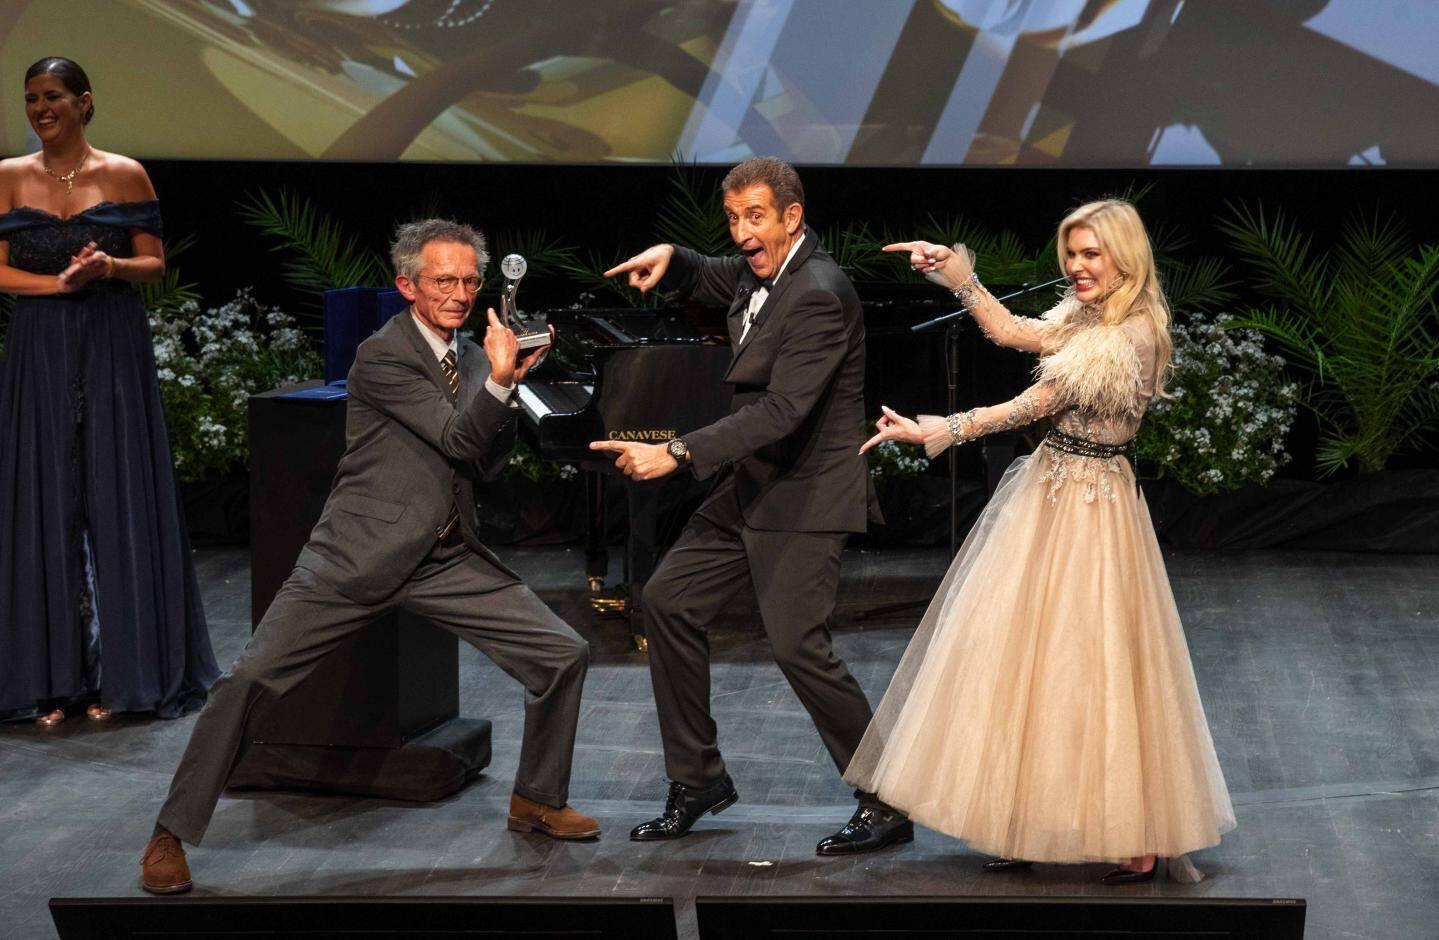 Patrice Leconte a reçu un Prix pour l'ensemble de sa carrière, samedi soir, dans la salle des Princes du Grimaldi Forum.